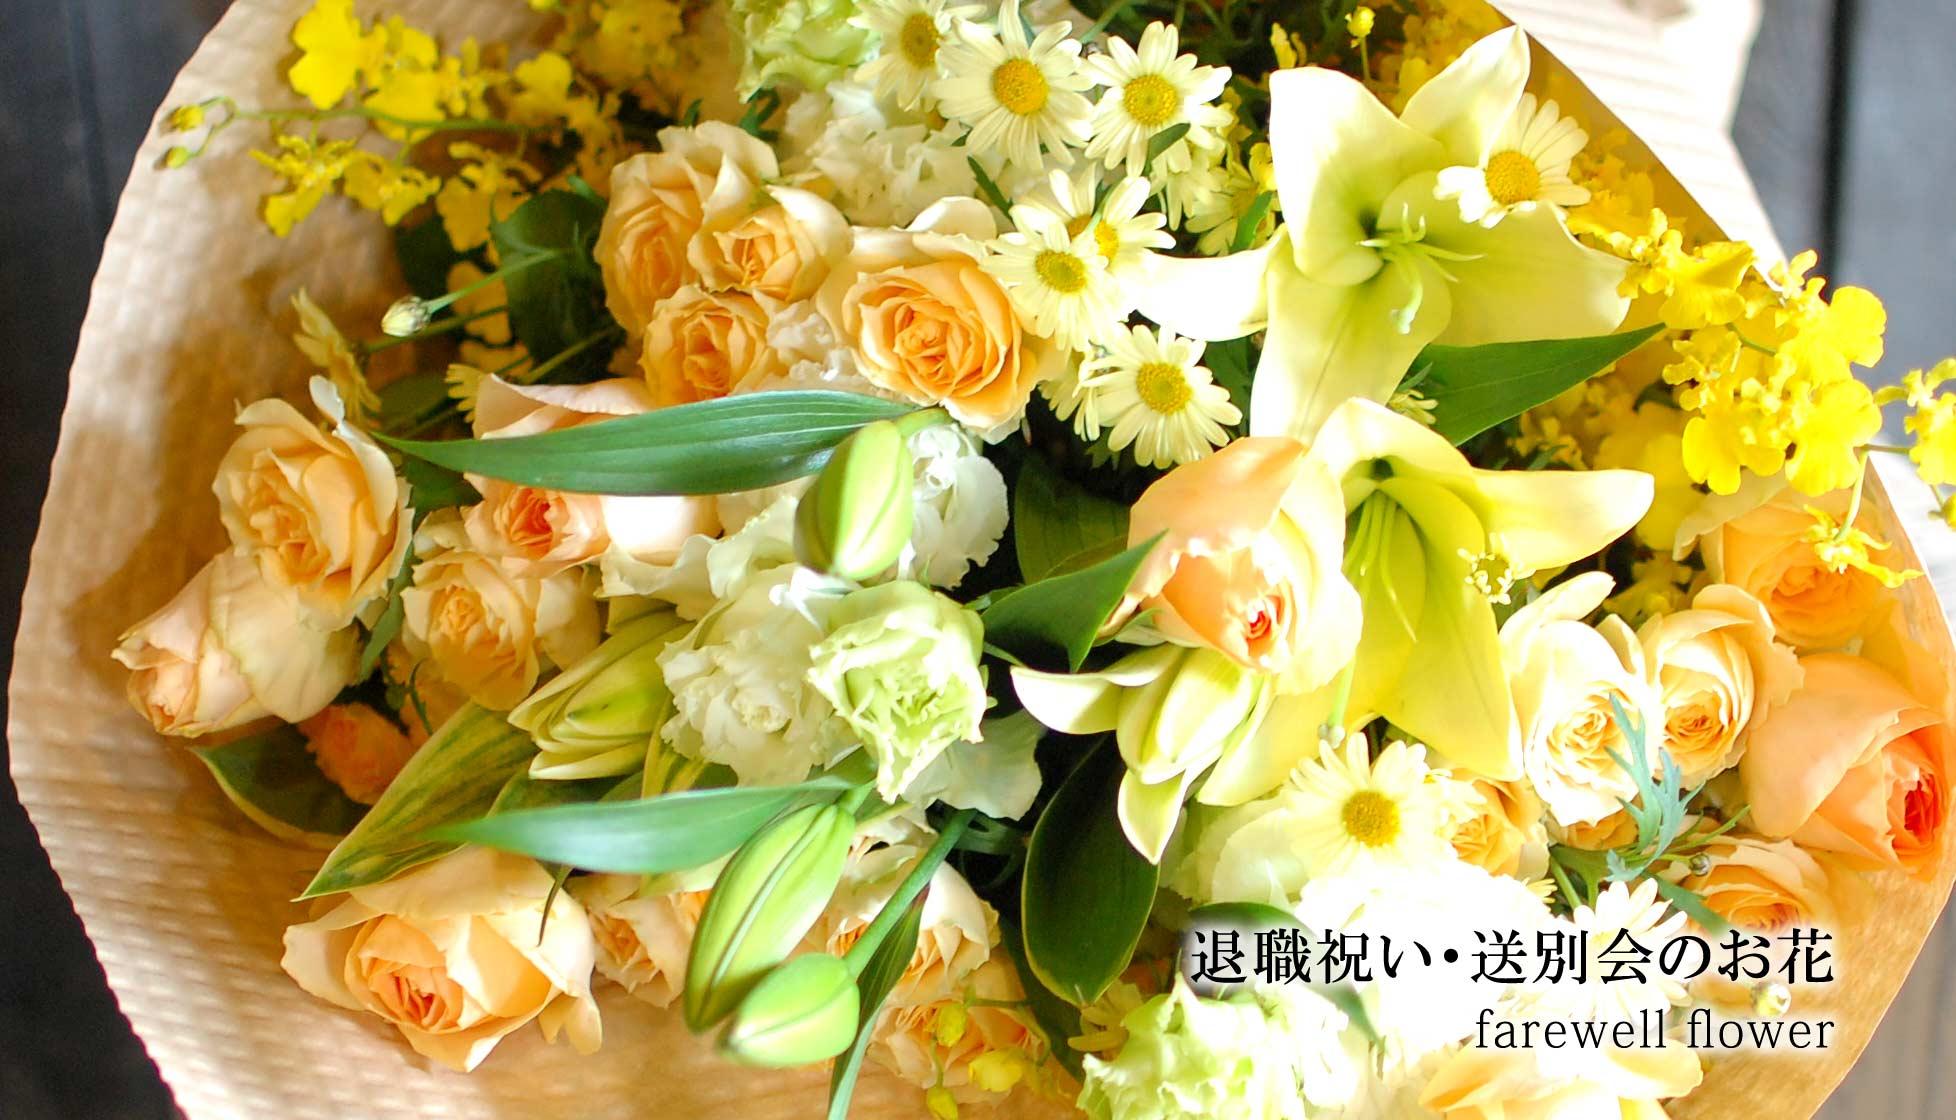 退職祝い・送別会のお花